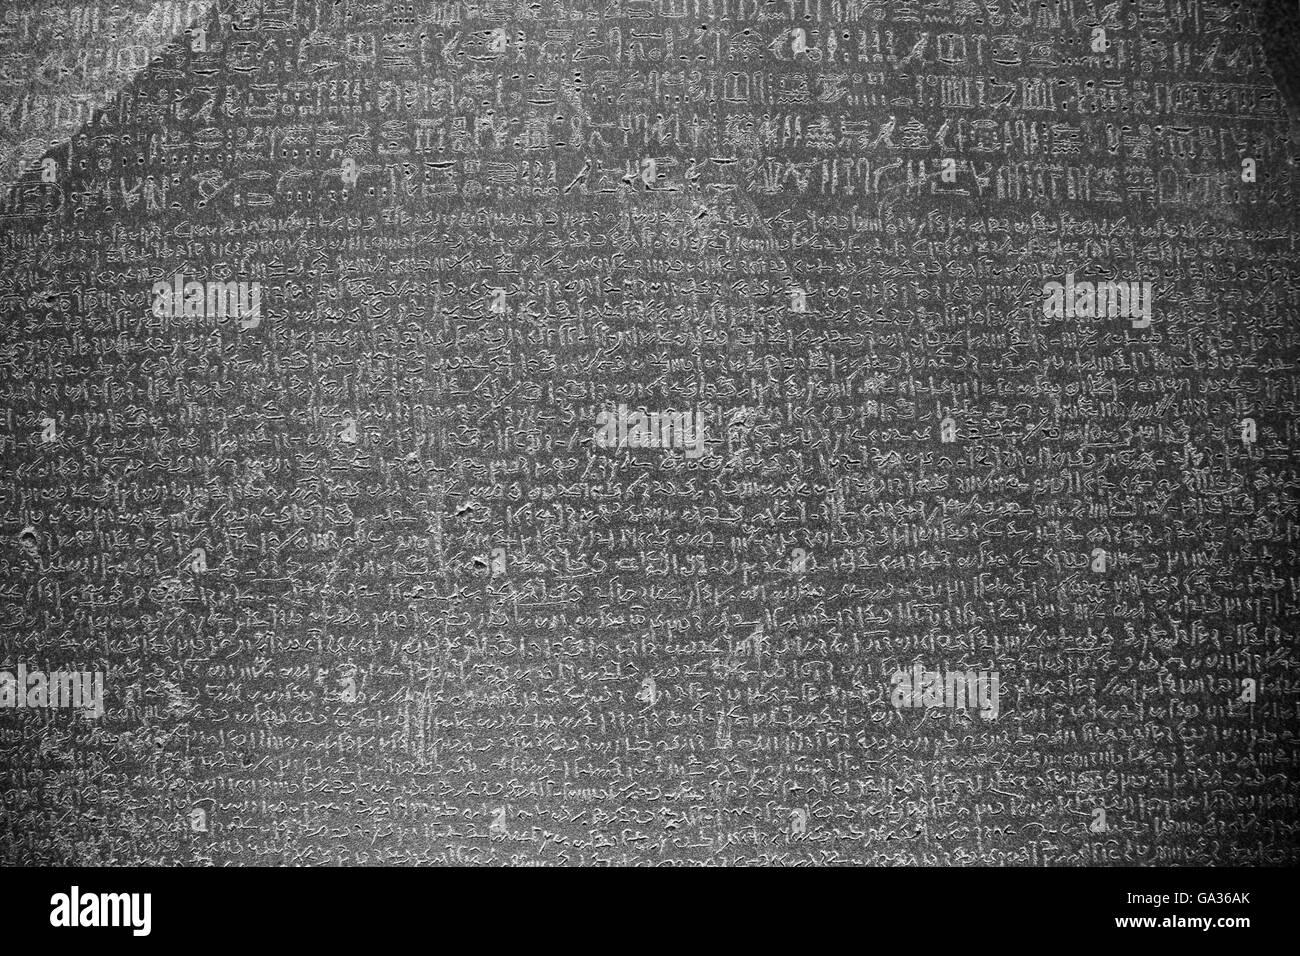 Rosetta Stone, 196 BC, British Museum, London, UK Stock Photo